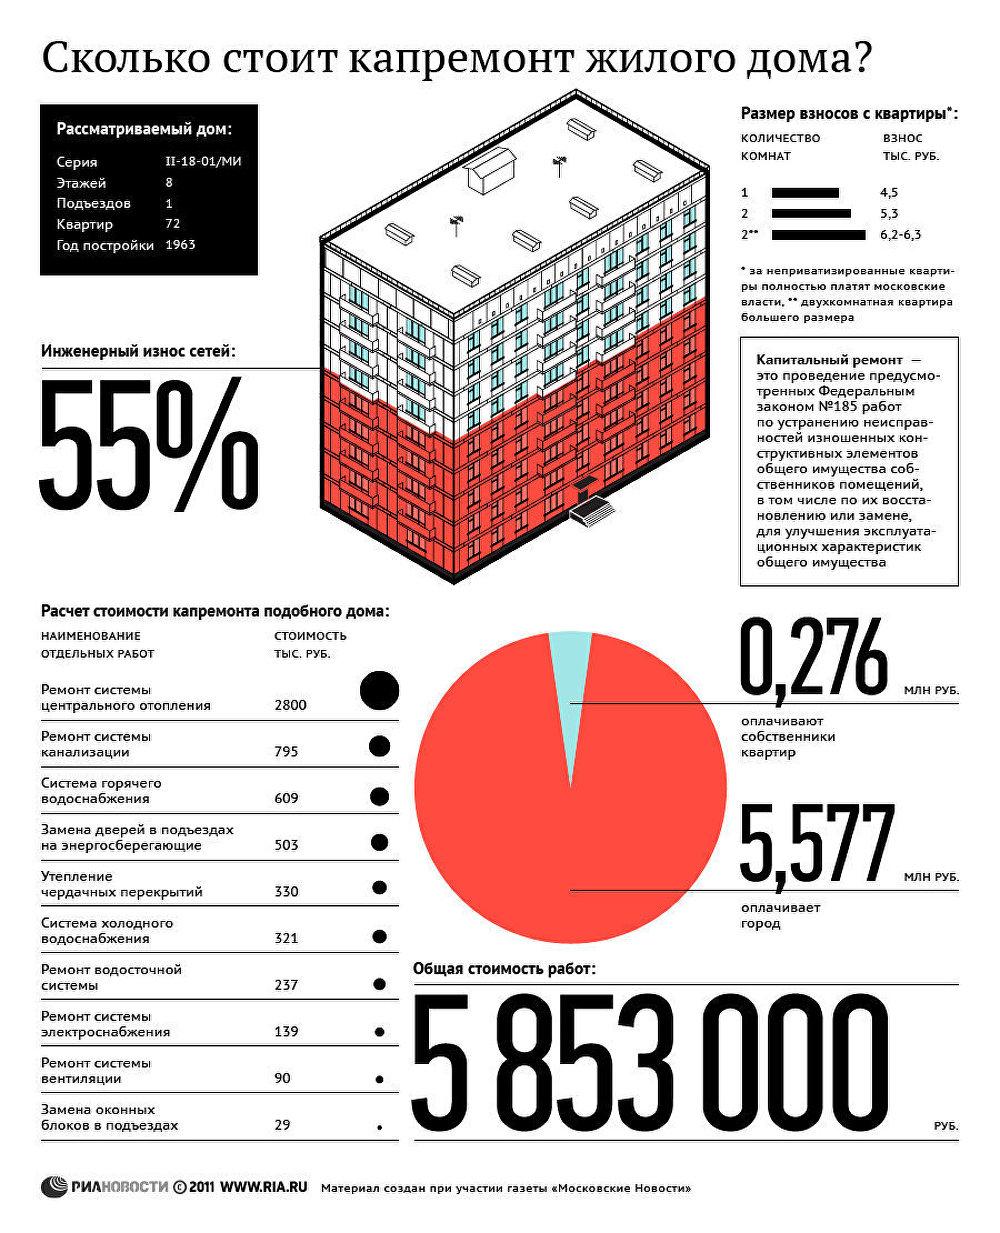 статистика апитальный ремонт квартир в красноярске